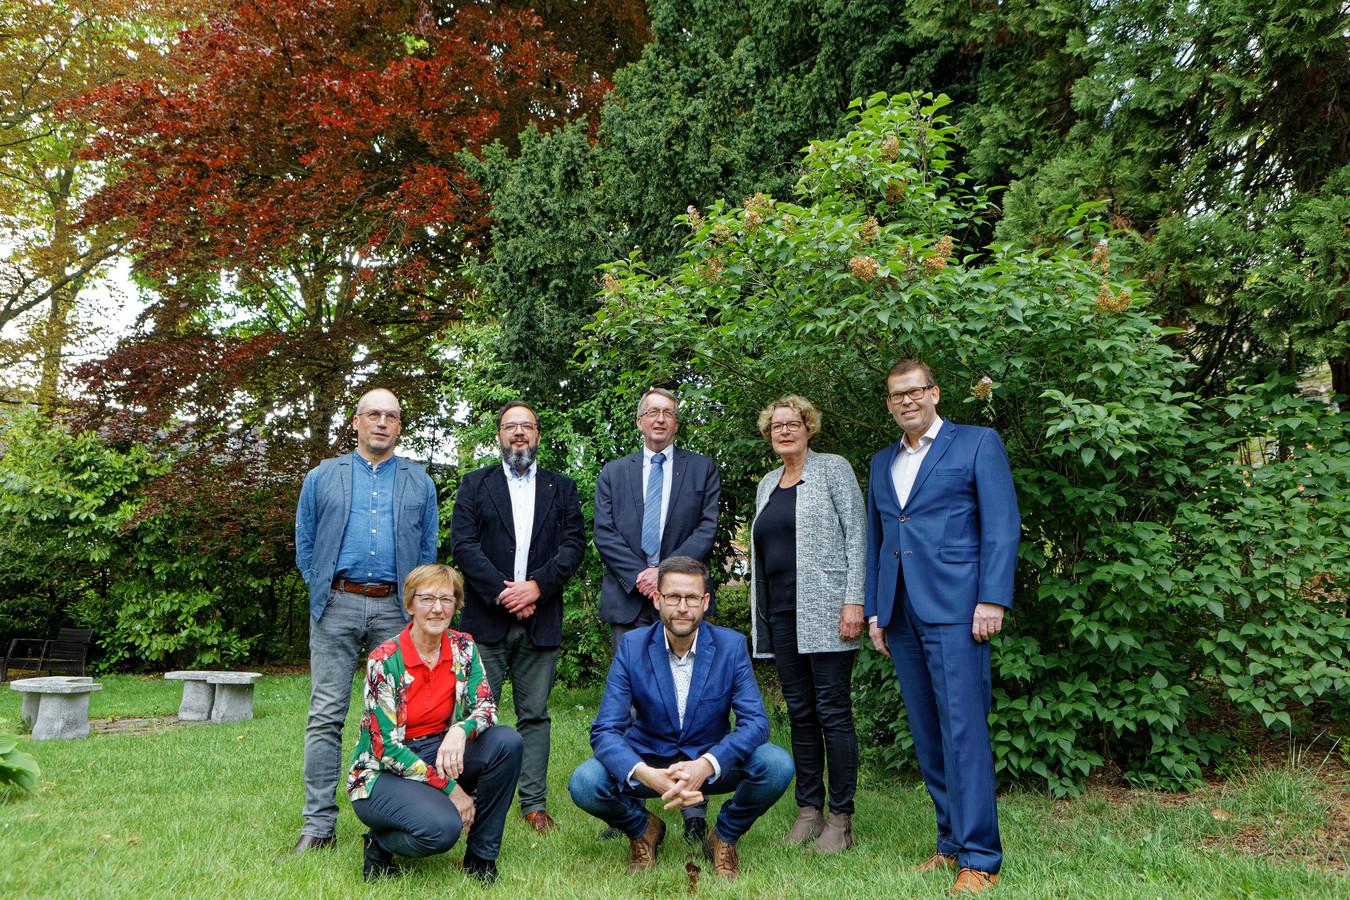 Zes katholieke parochies (in Chaam, Baarle-Nassau, Ulicoten, Alphen, Riel en Gilze) fuseren tot 1 grote nieuwe parochie. Hier het nieuwe bestuur in de tuin van de pastorie in Alphen.